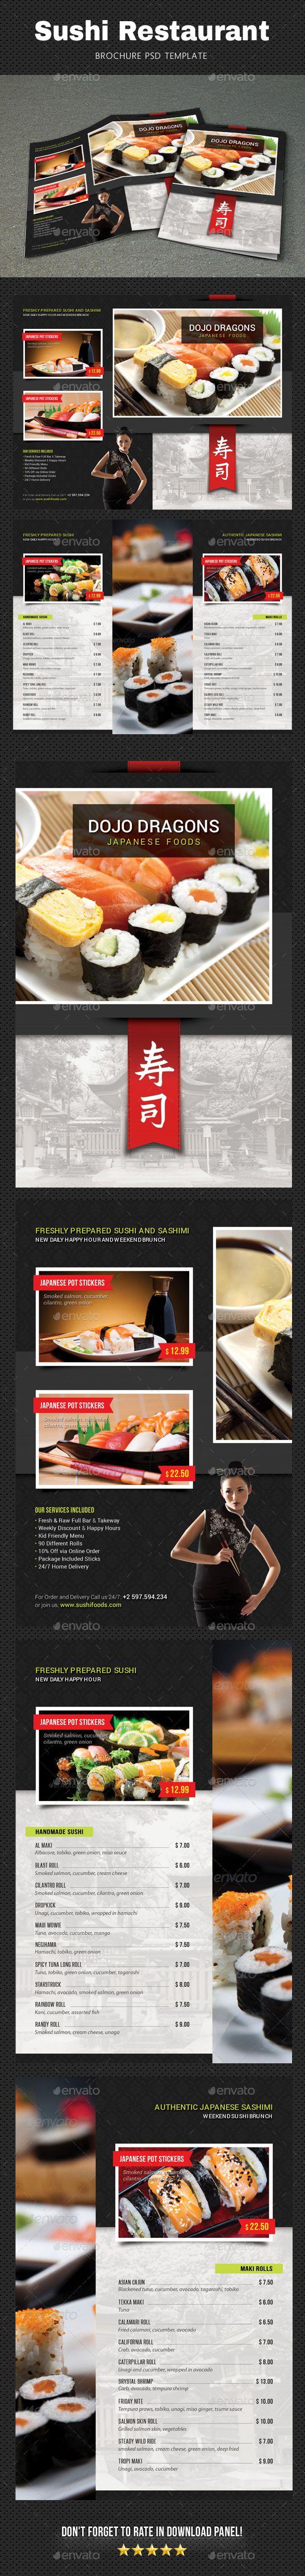 Sushi Menu Brochure  Sushi Menu Menu Printing And Brochures